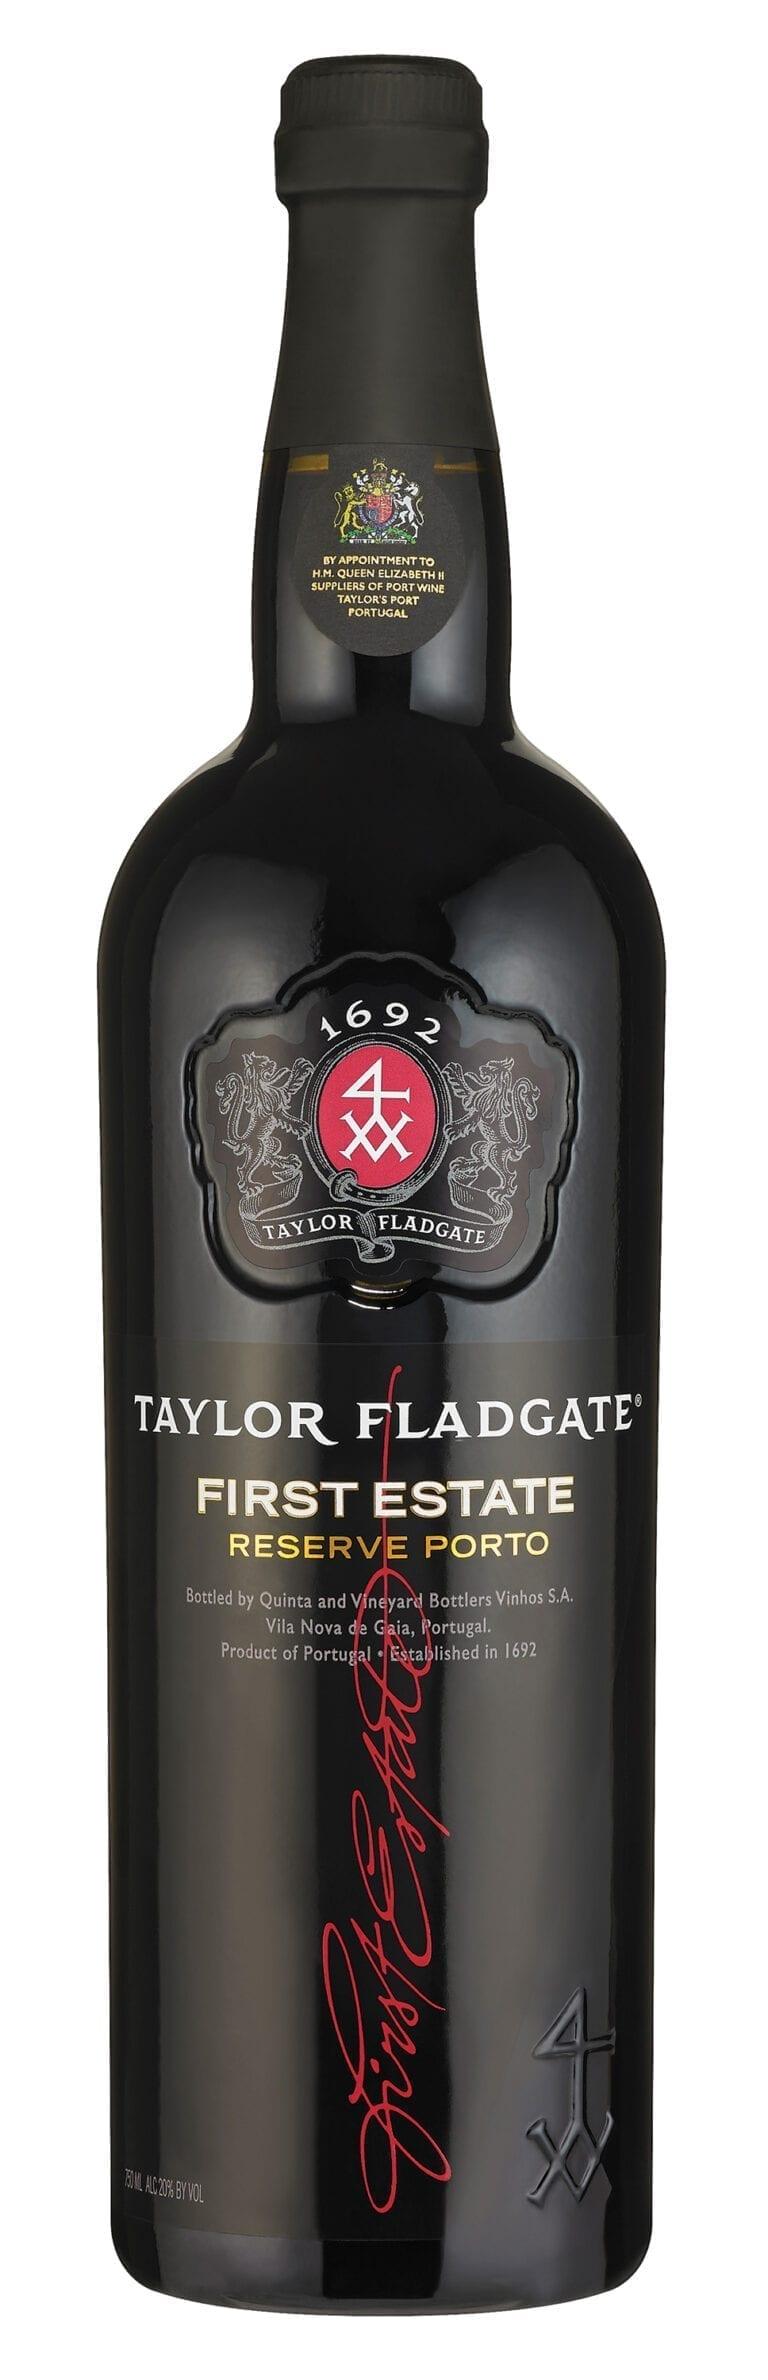 Taylor Fladgate First Estate Reserve Porto